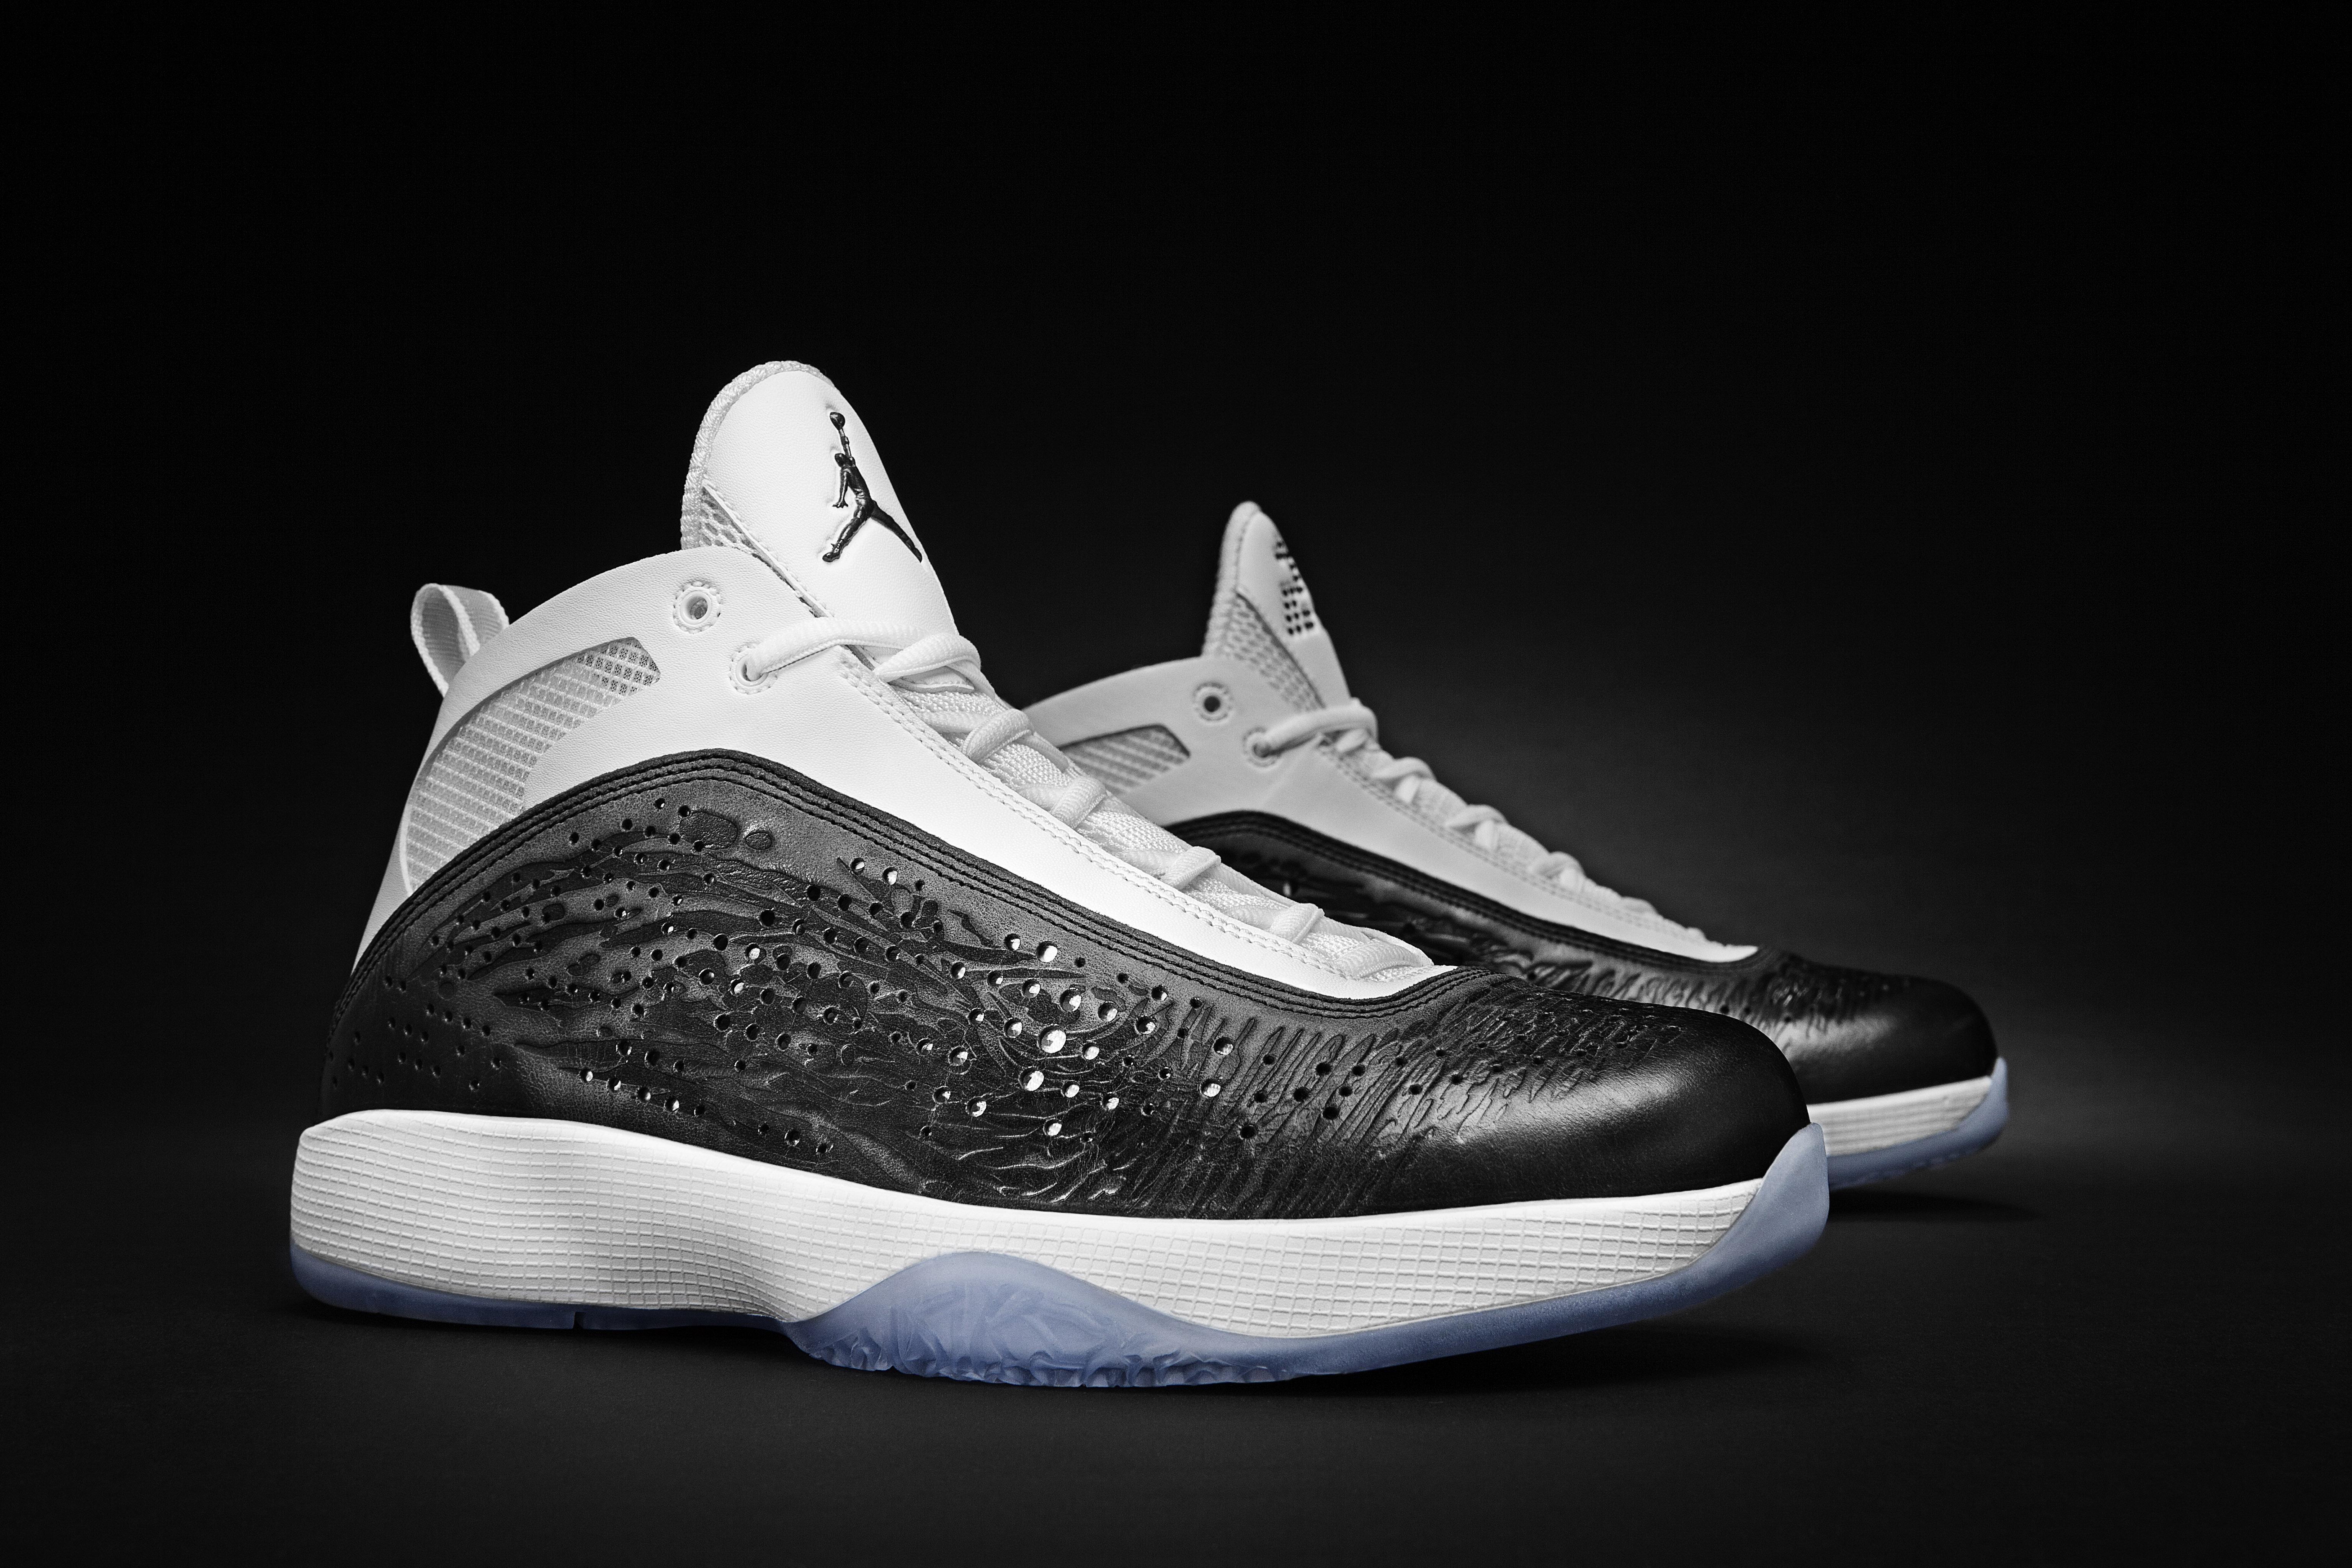 Air Jordan 26